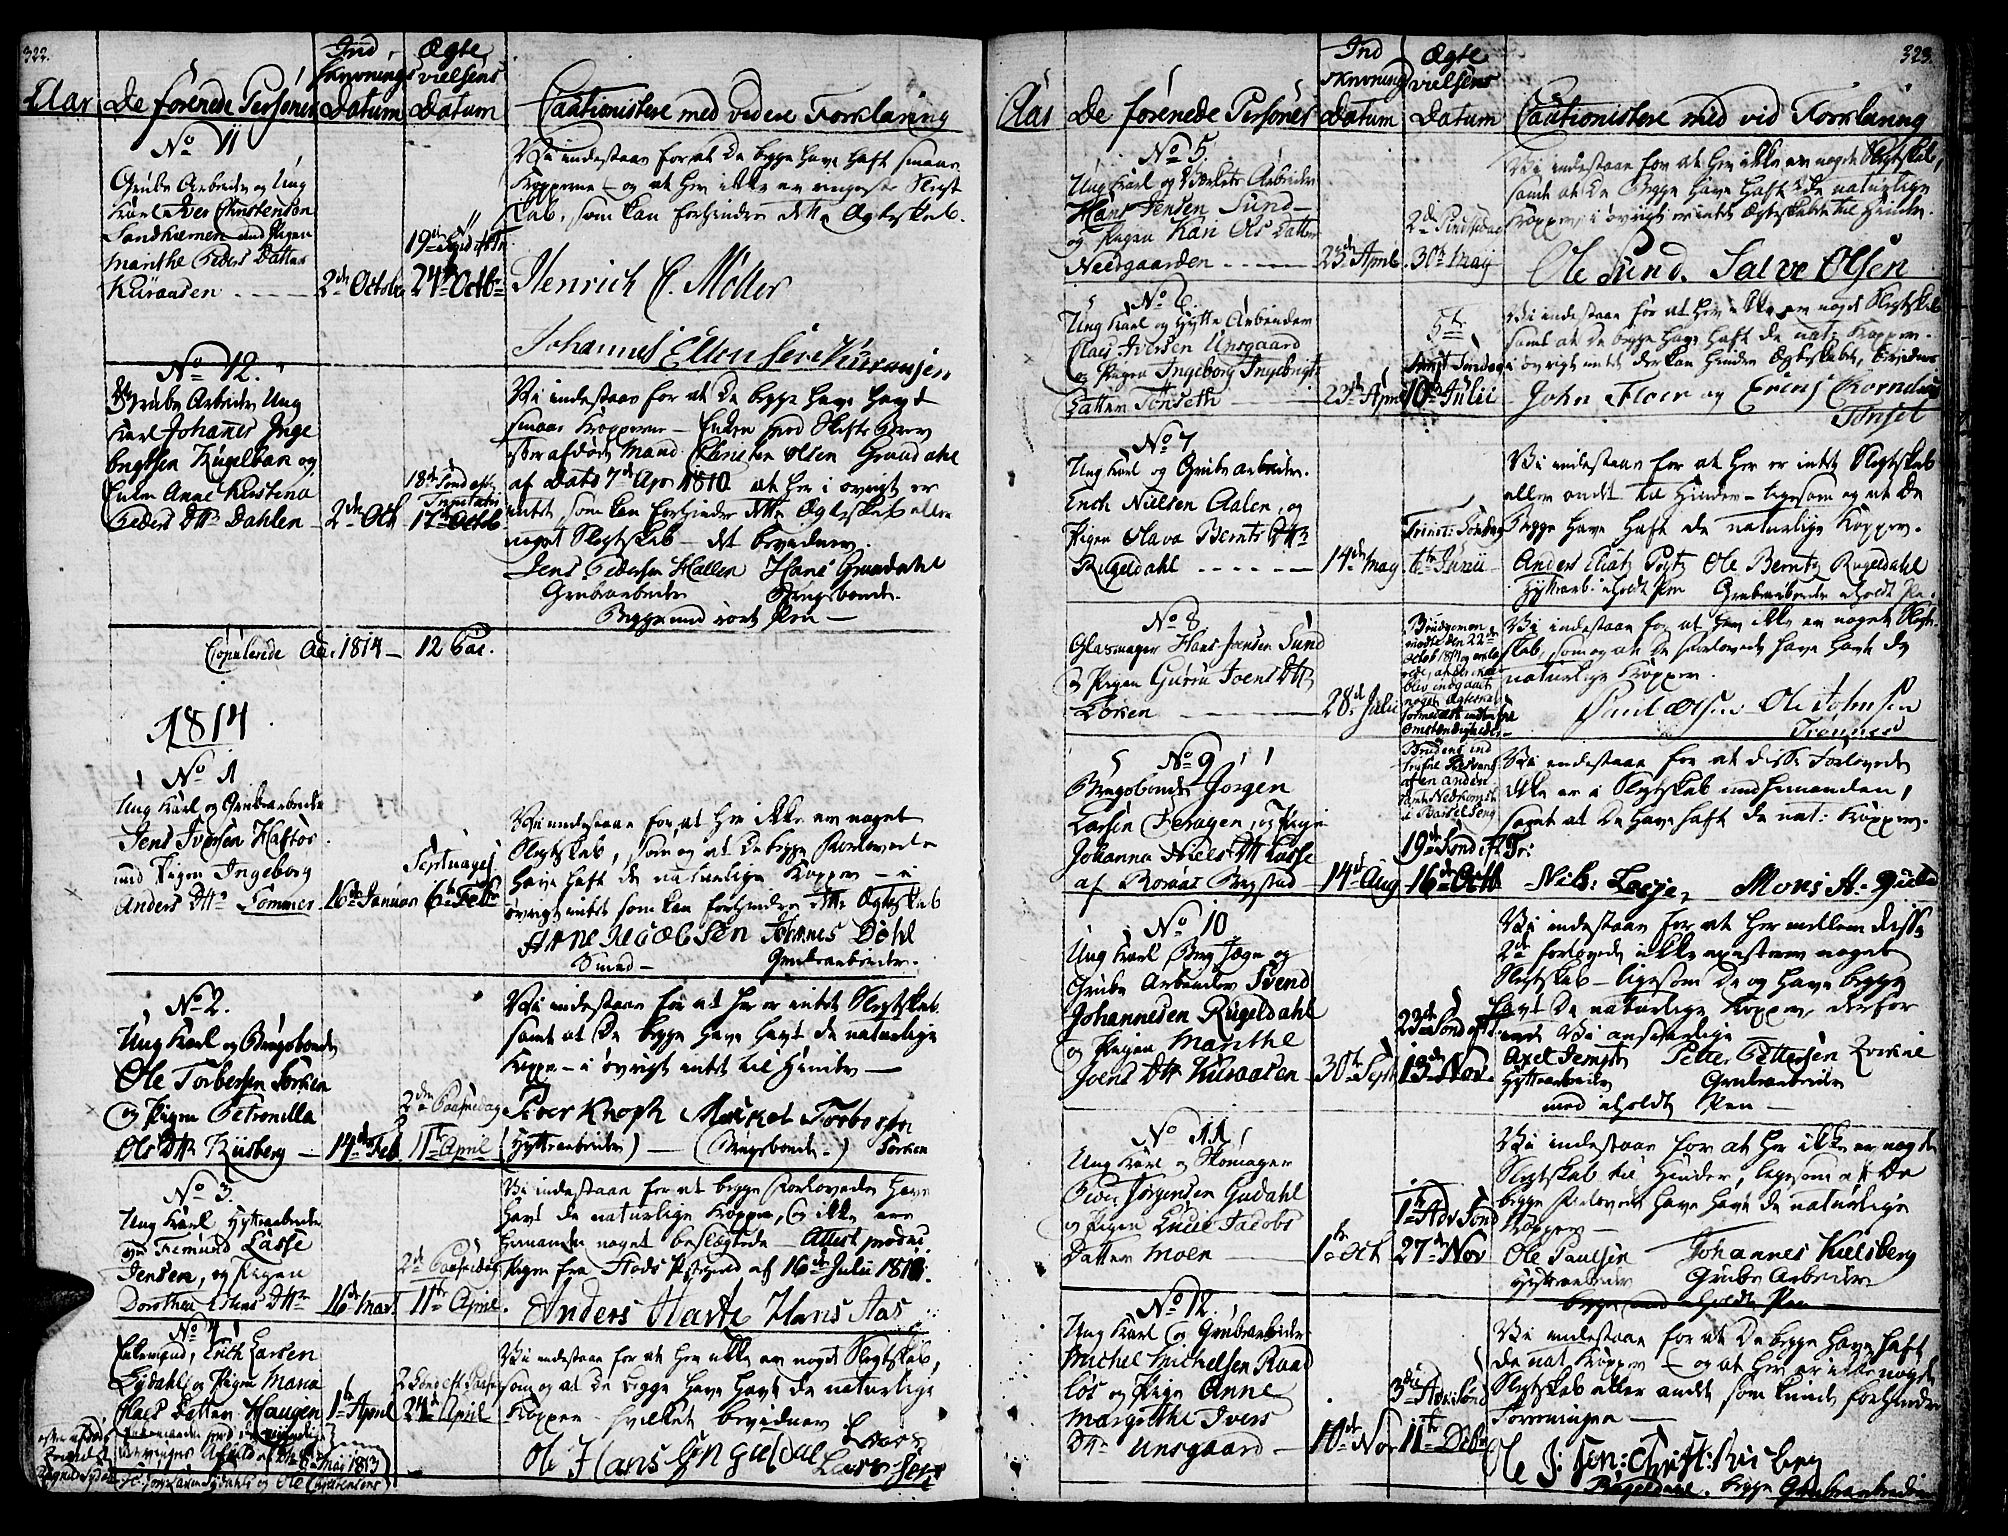 SAT, Ministerialprotokoller, klokkerbøker og fødselsregistre - Sør-Trøndelag, 681/L0928: Ministerialbok nr. 681A06, 1806-1816, s. 322-323